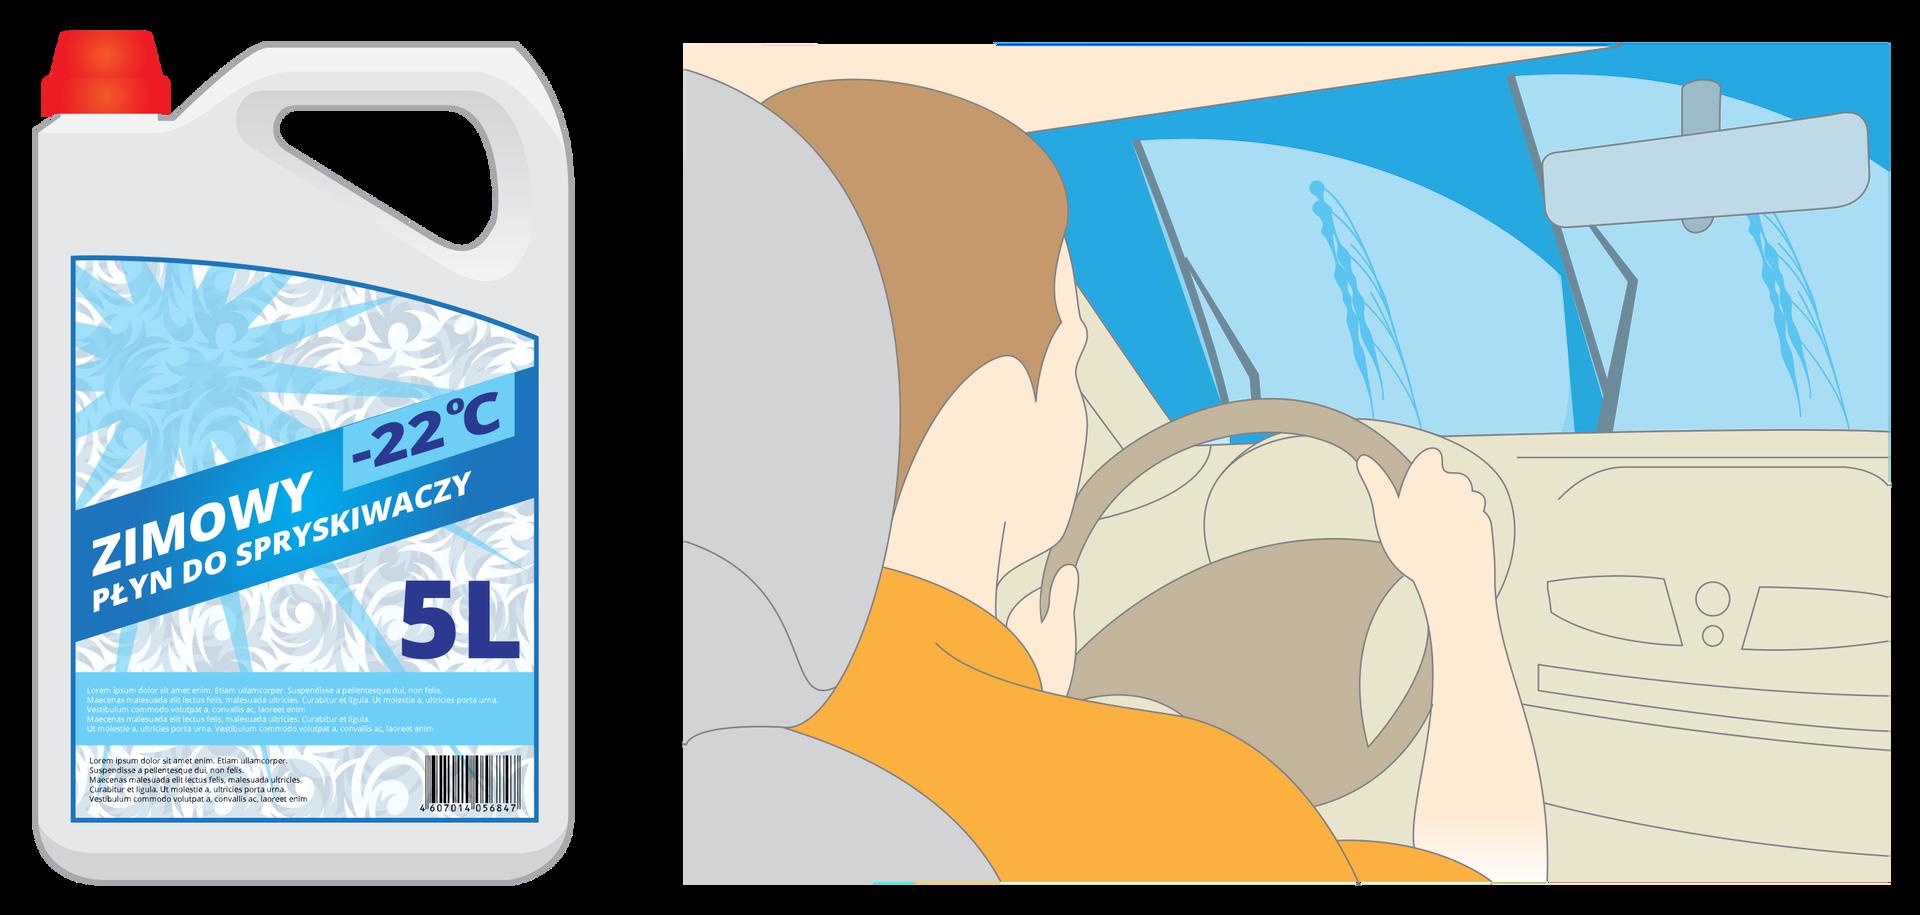 Ilustracja podwójna. Zlewej strony prezentowane jest przykładowe, pięciolitrowe opakowanie zimowego płynu do spryskiwaczy, którego etykieta informuje omożliwości stosowania go wtemperaturze -22 stopnie Celsjusza. Zprawej strony narysowane wnętrze samochodu zkierowcą oglądane zperspektywy pasażera na tylnym siedzeniu. Wycieraczki samochodu pracują, na szybach widać ślady spryskiwacza oraz odgarnianego śniegu.